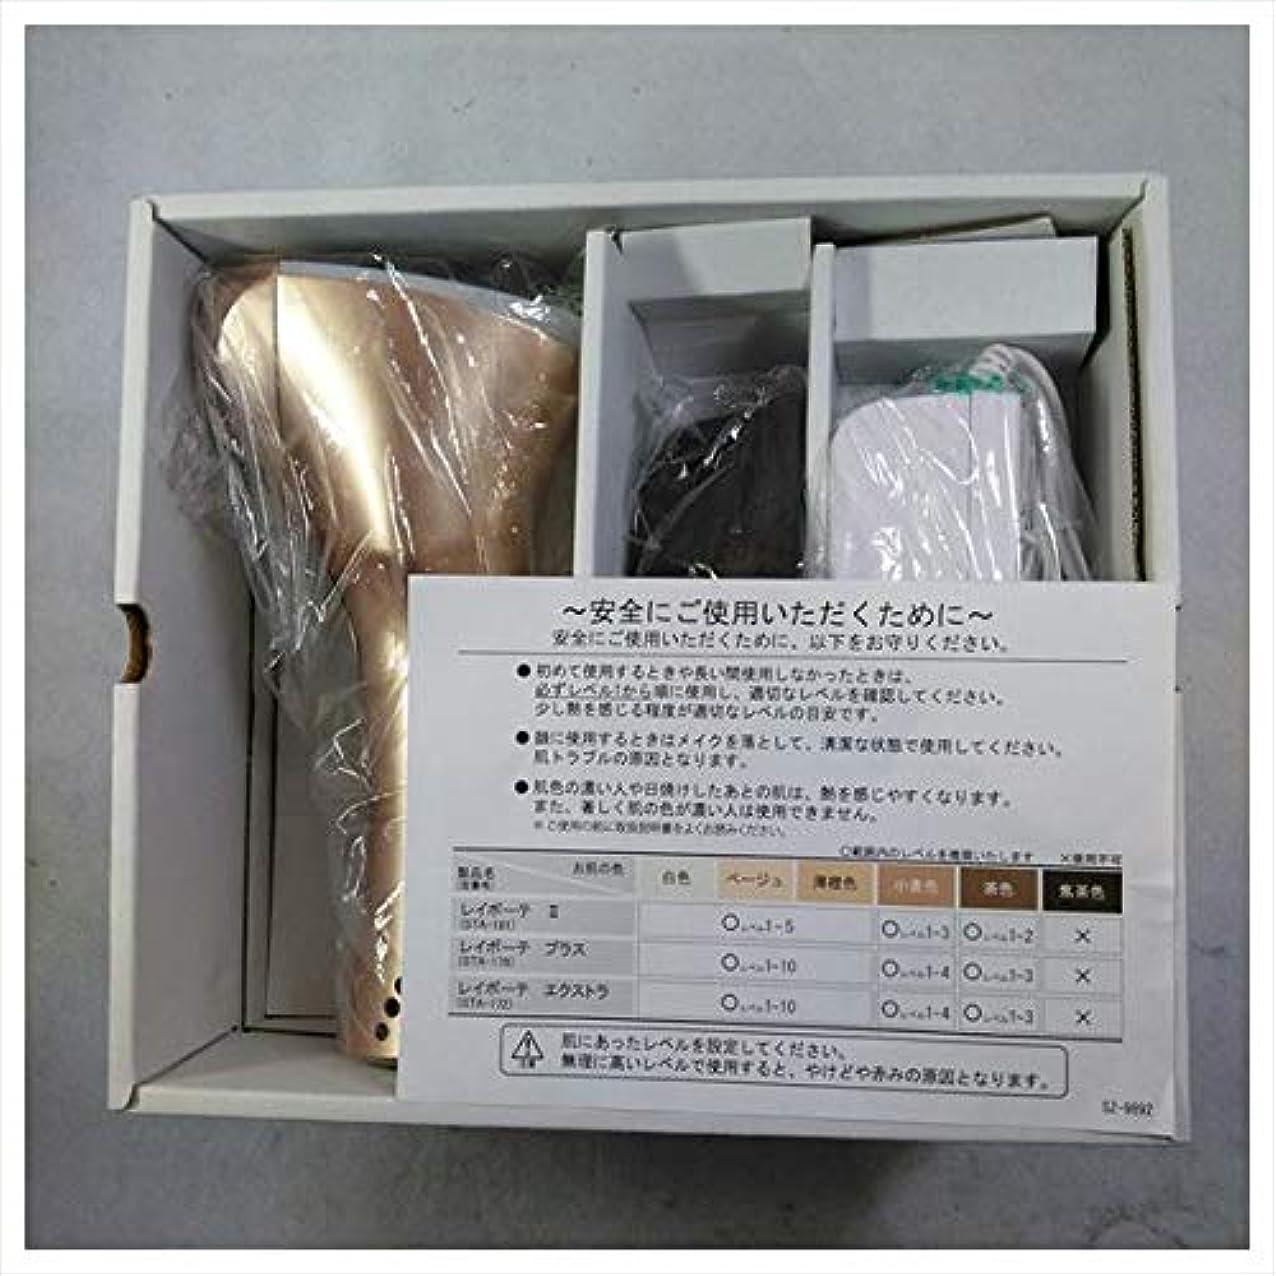 ヤーマン レイボーテ プラス STA-178【日本製】